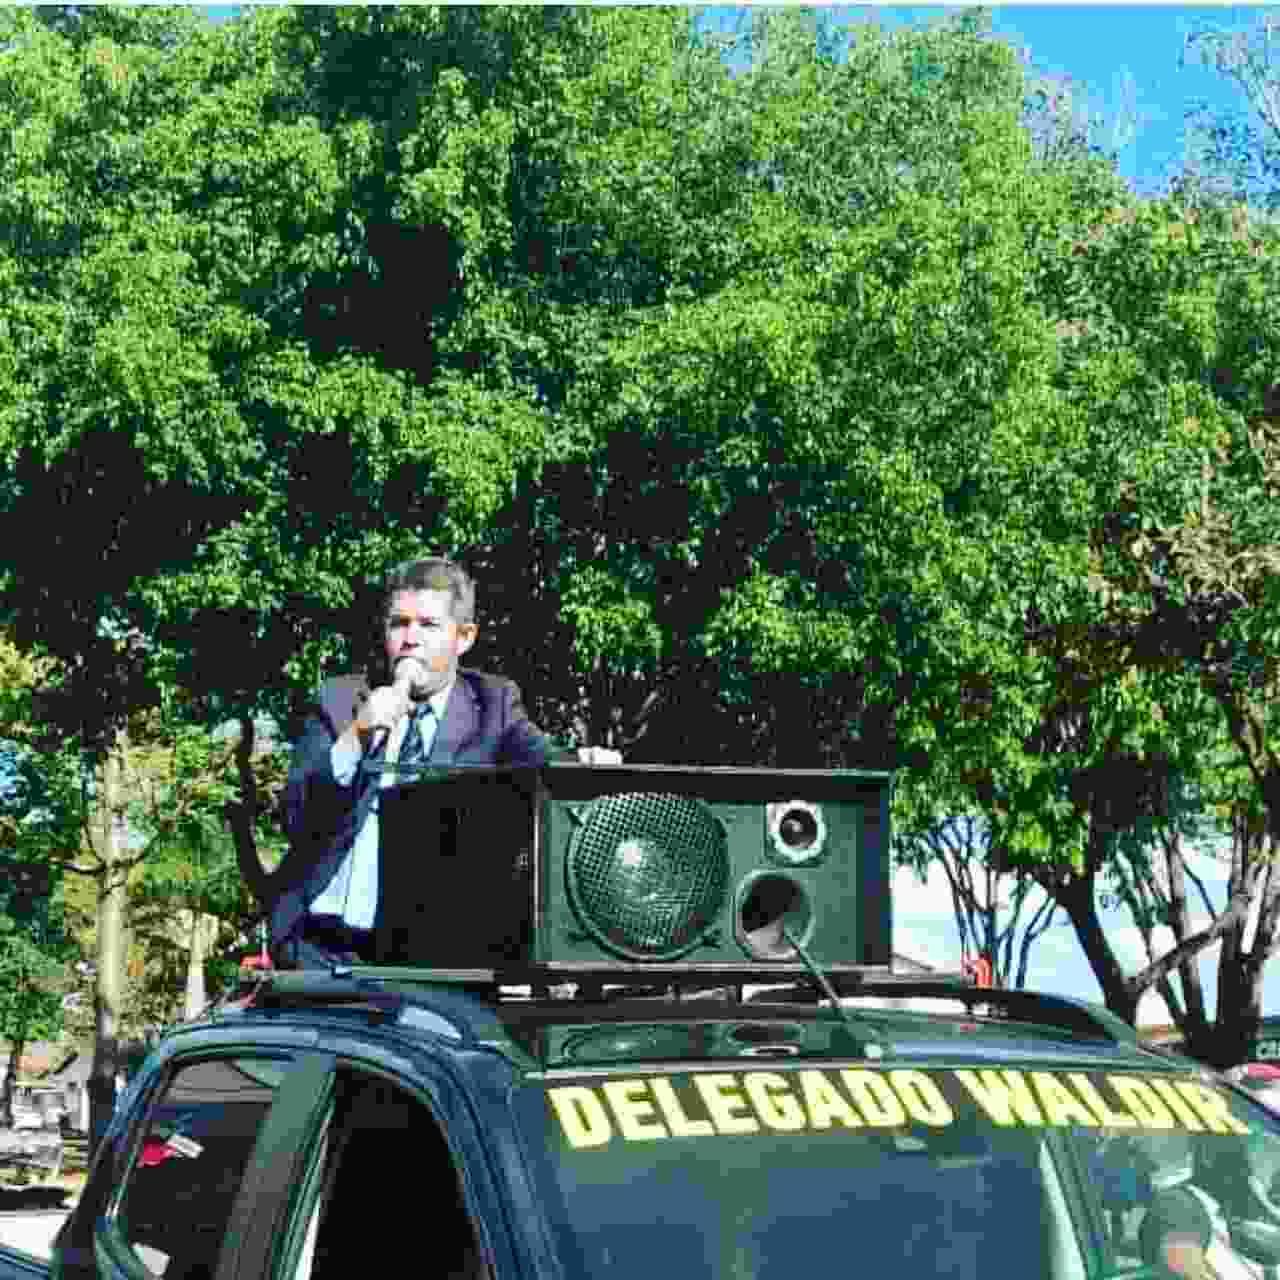 Delegado Waldir (PSL) fez campanha em cima de caminhonete pelas ruas de Goiânia e Aparecida | Foto: Reprodução / Instagram